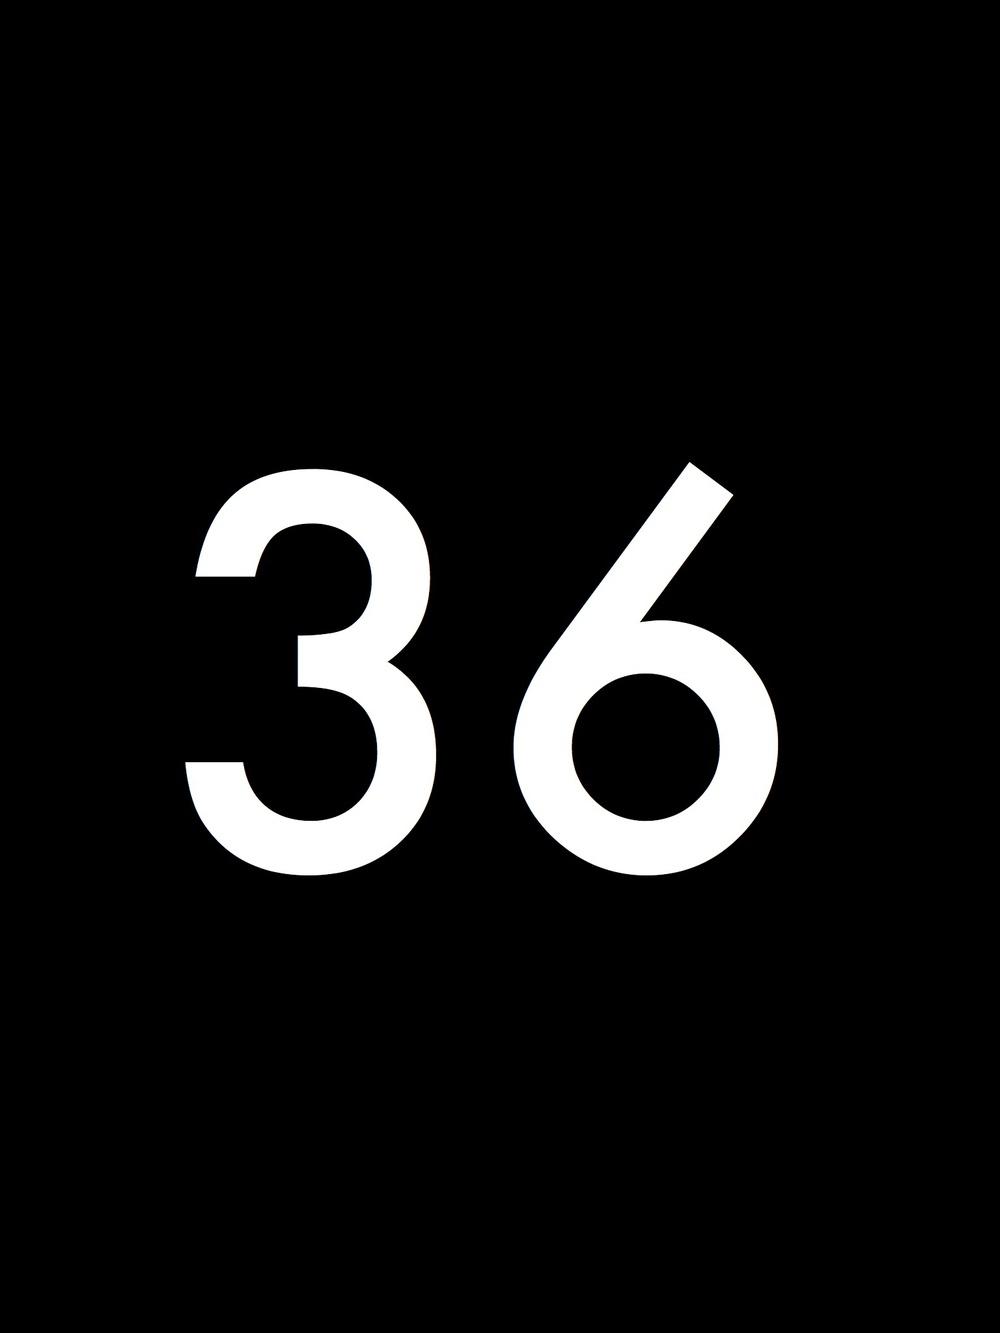 Black_Number.036.jpg